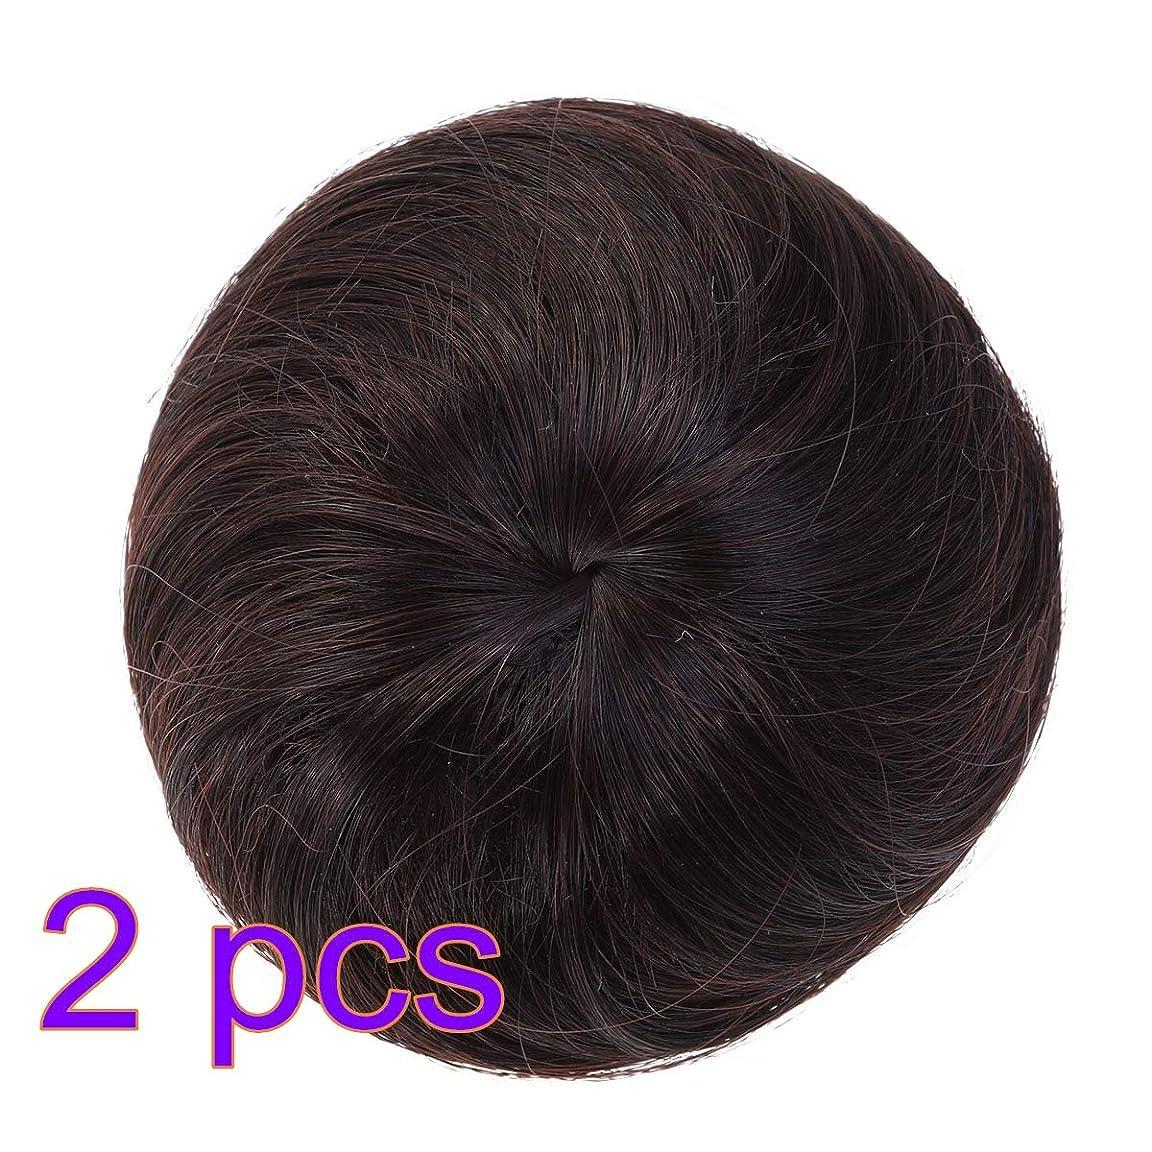 推進、動かす商品品種Lurrose 2ピース合成ヘアエクステンションシニョン女性のヘアバンかつら装飾用ブライダル女性レディー(ダークブラウン)